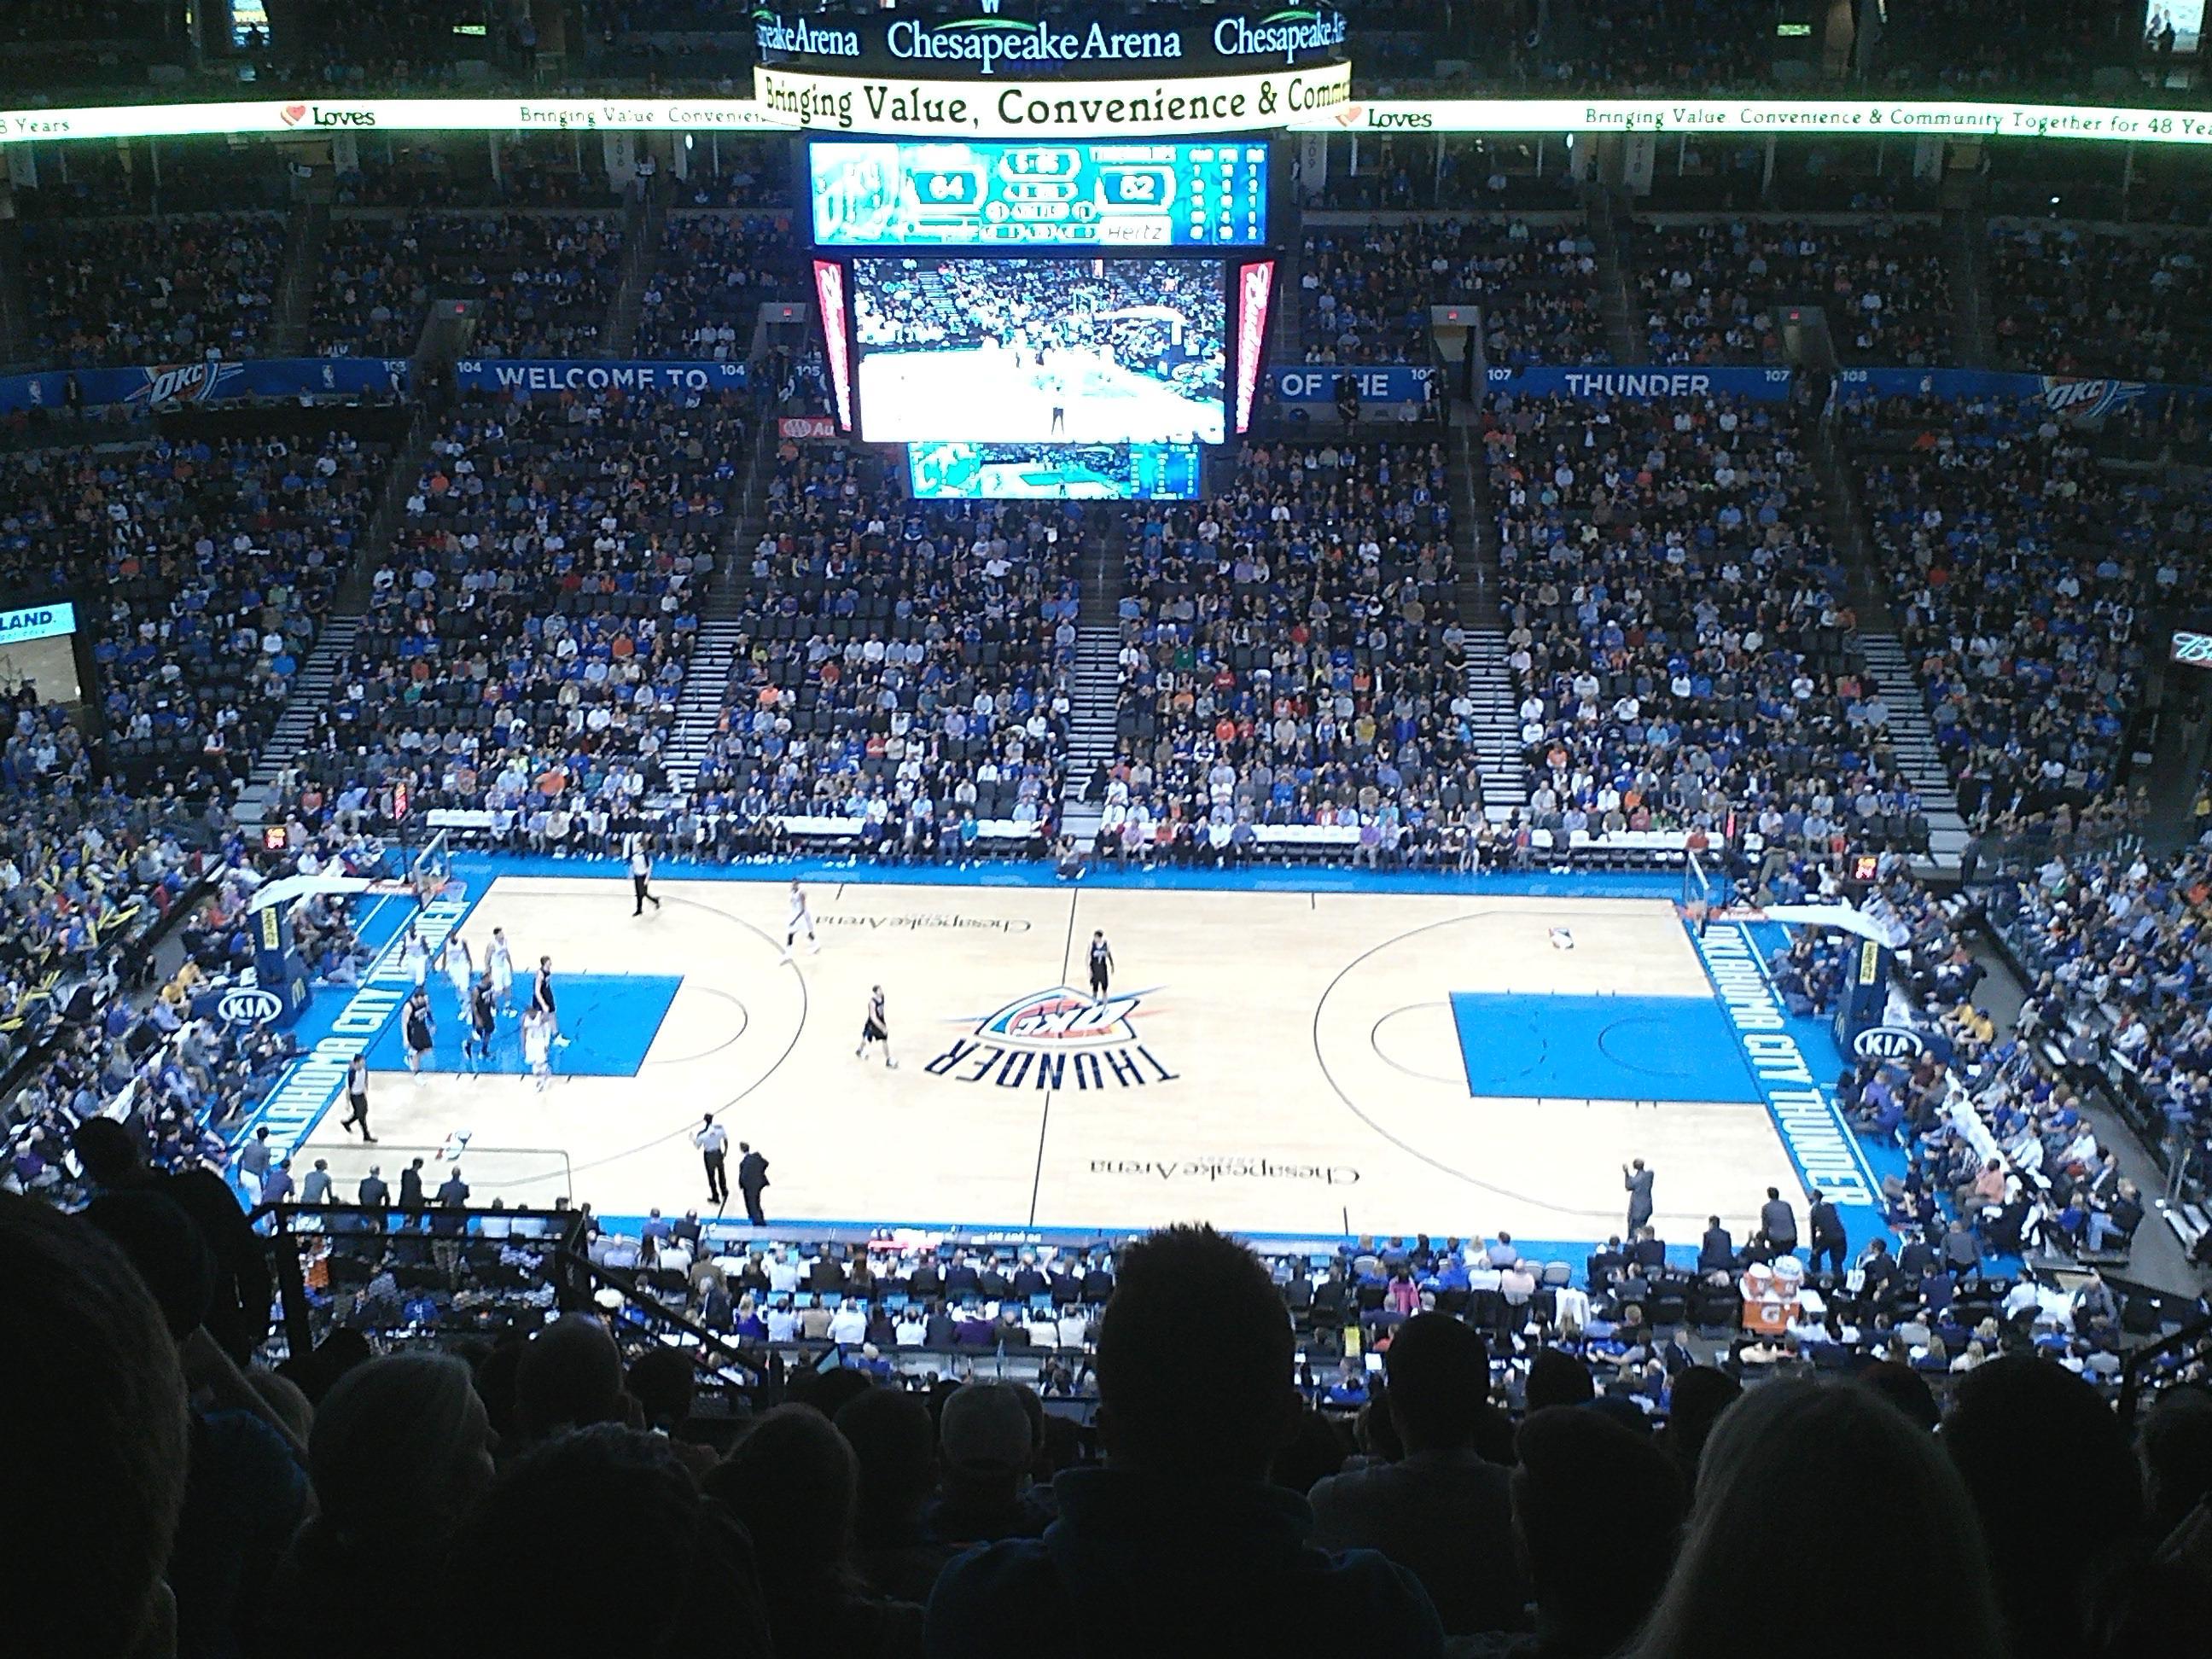 Chesapeake Energy Arena Section 323 Row L Seat 16 Oklahoma